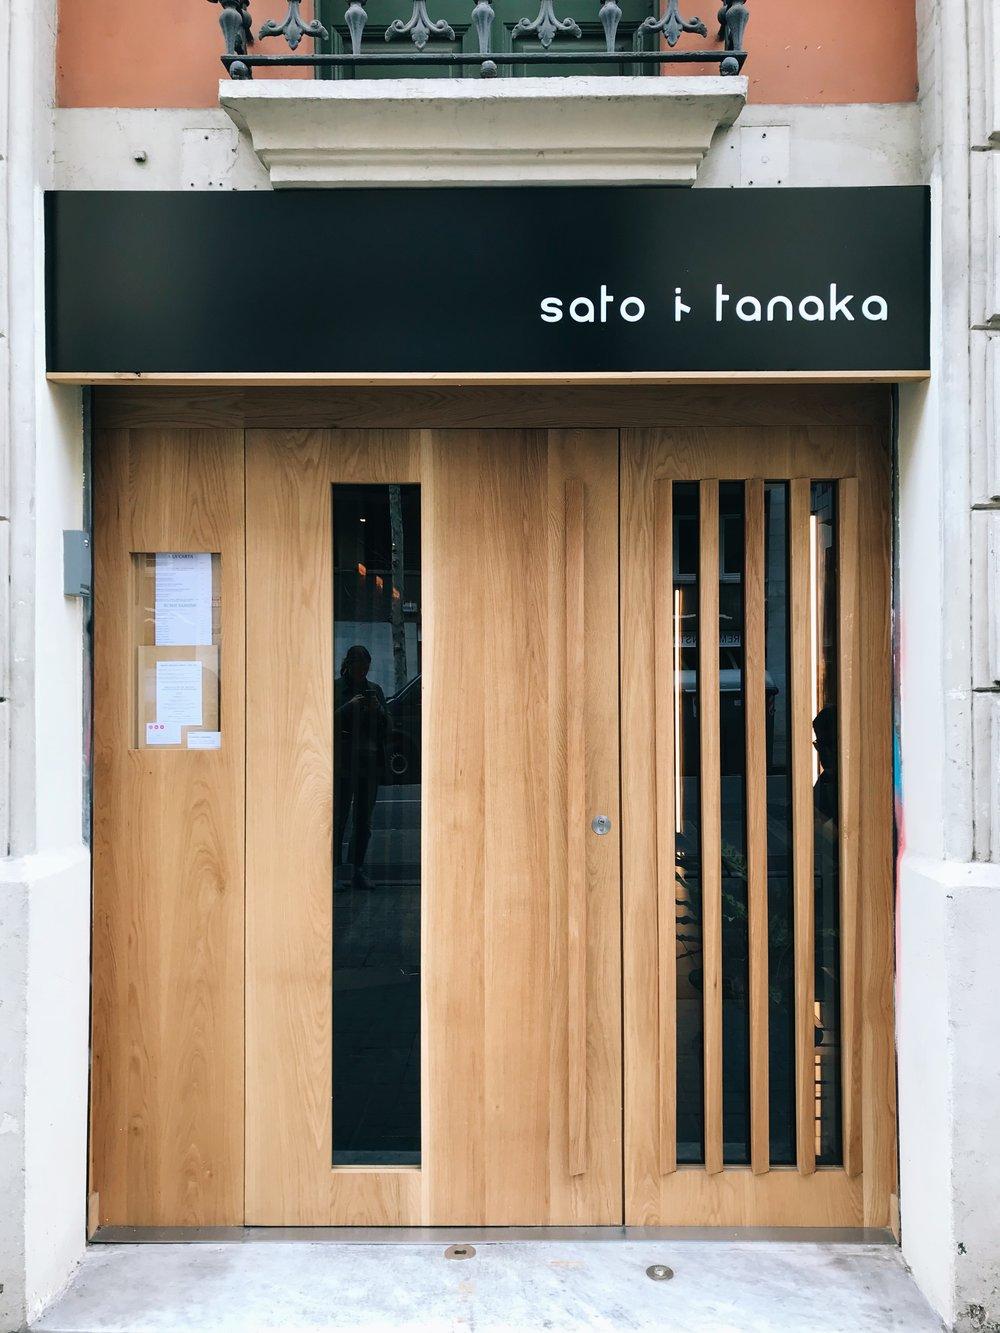 Sato I Tanaka Barcelona